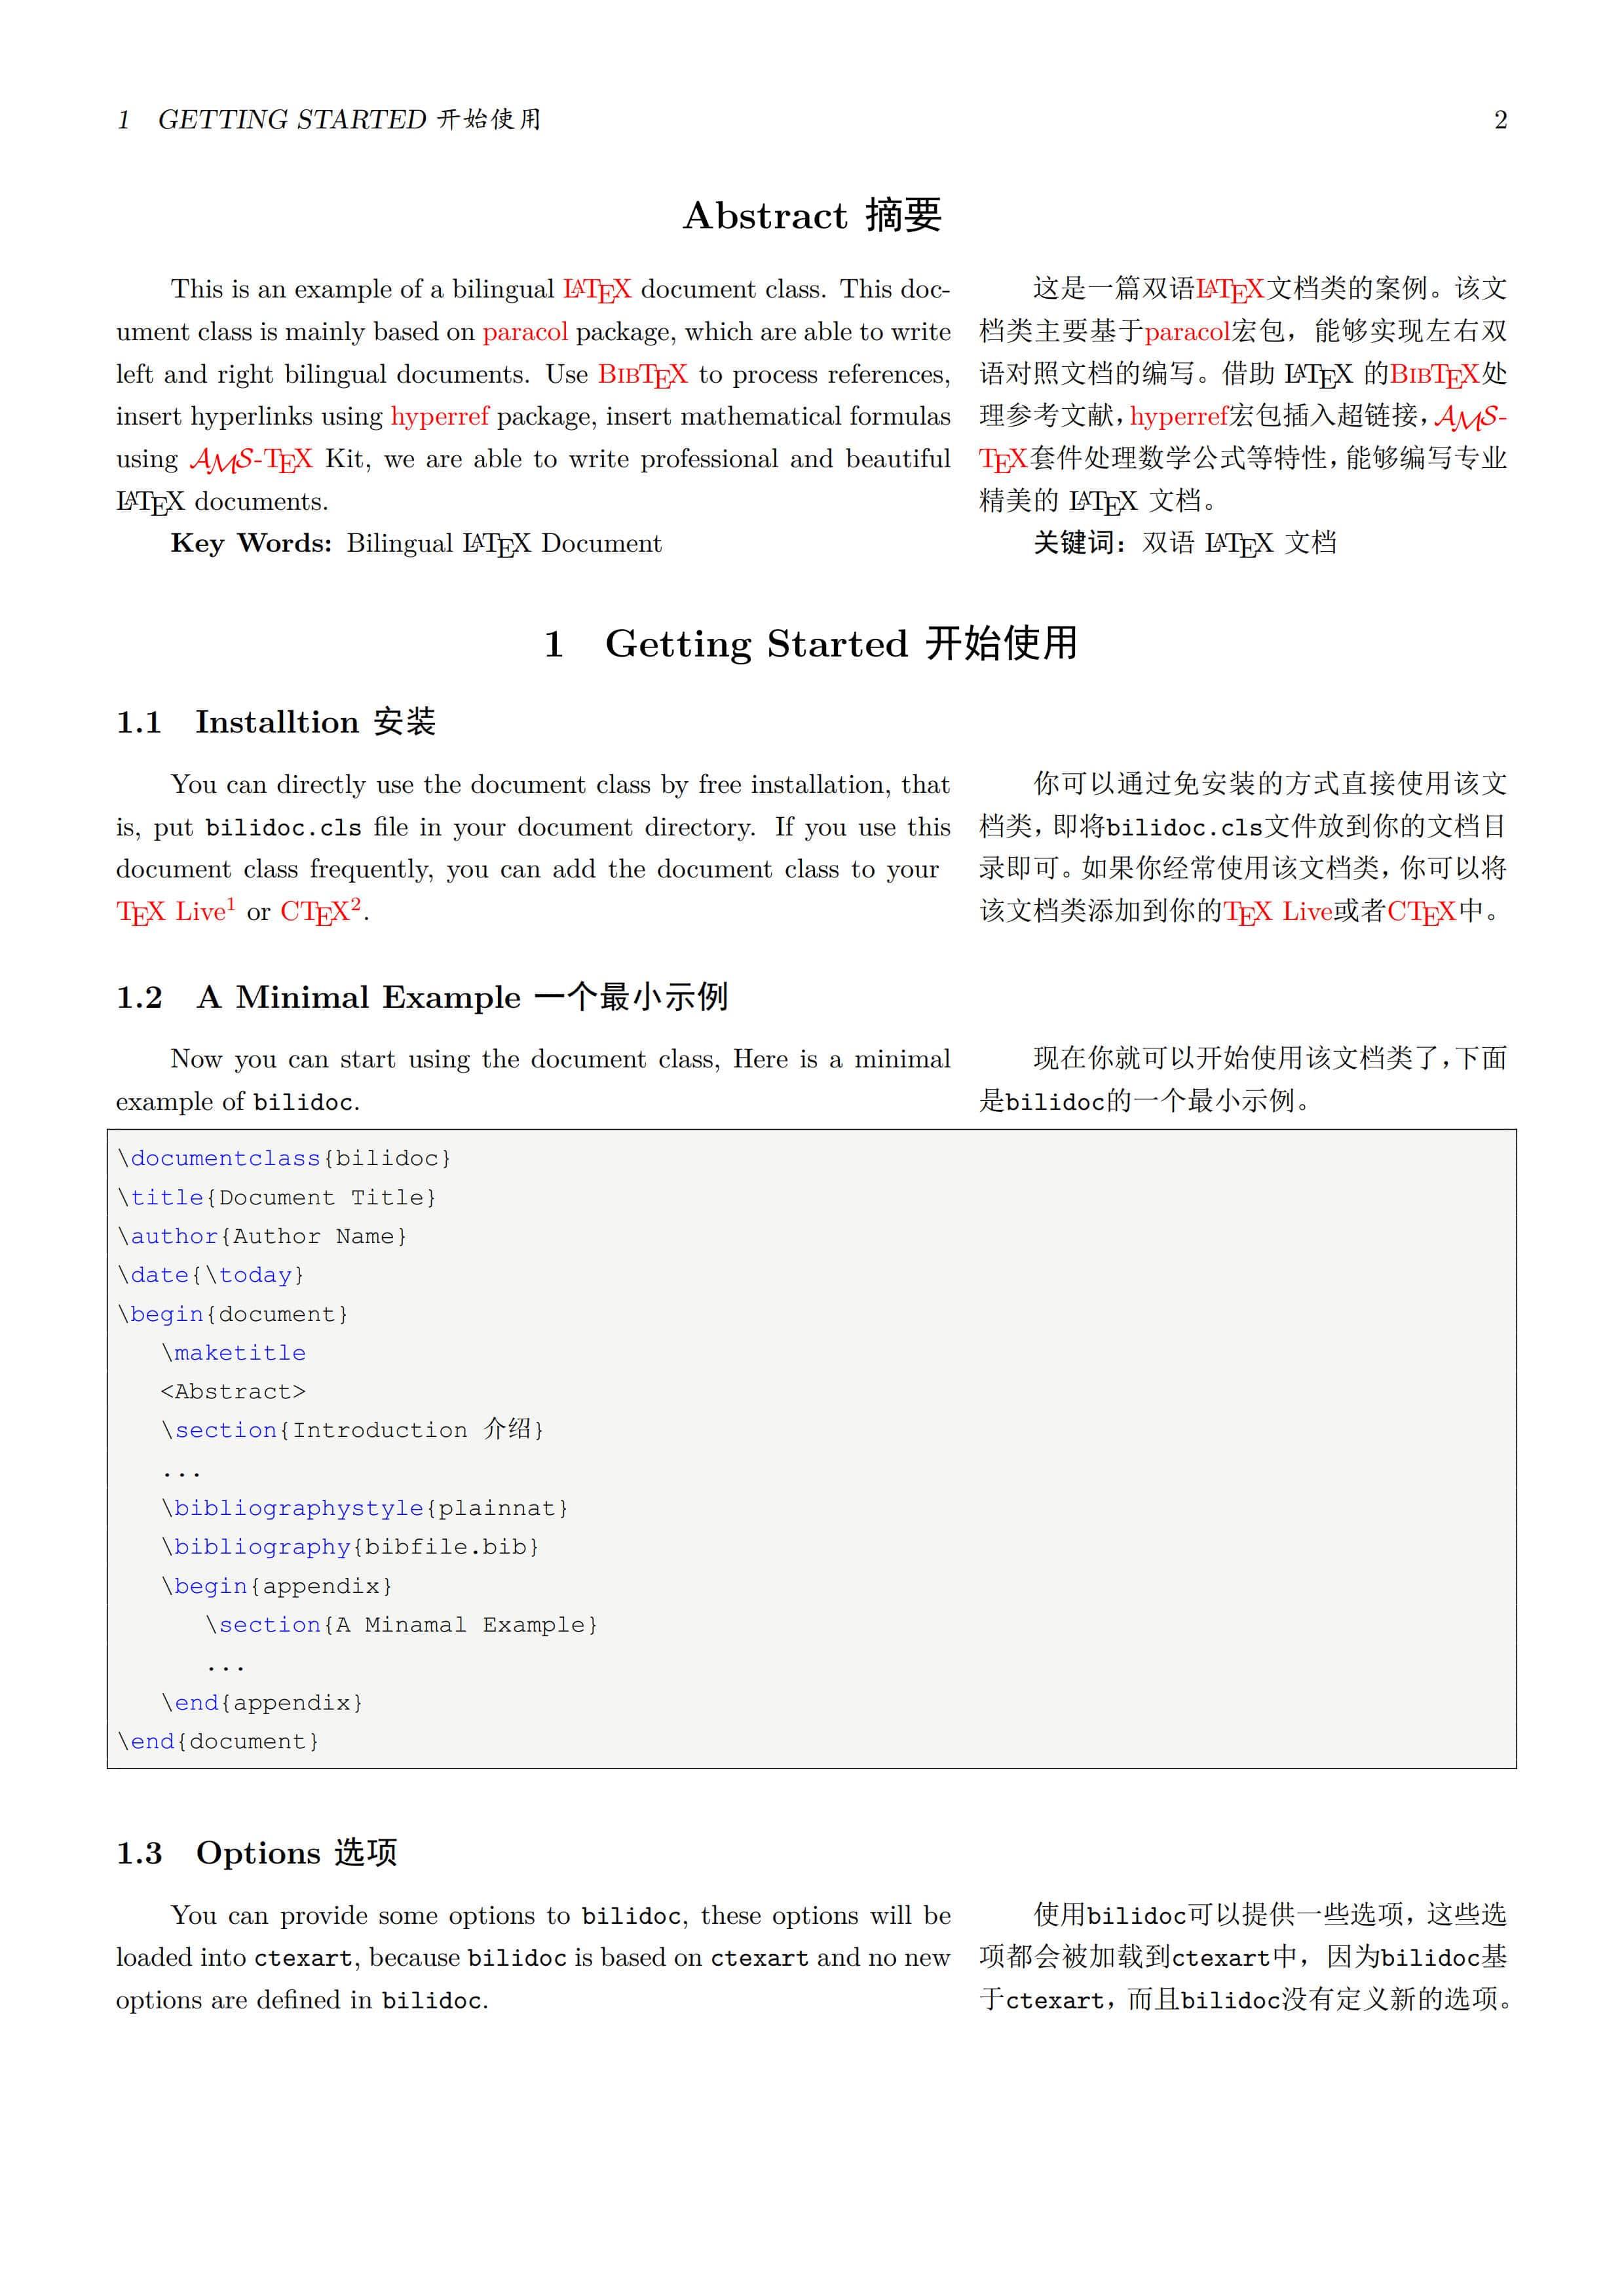 一个双语排版的文档类排版示例